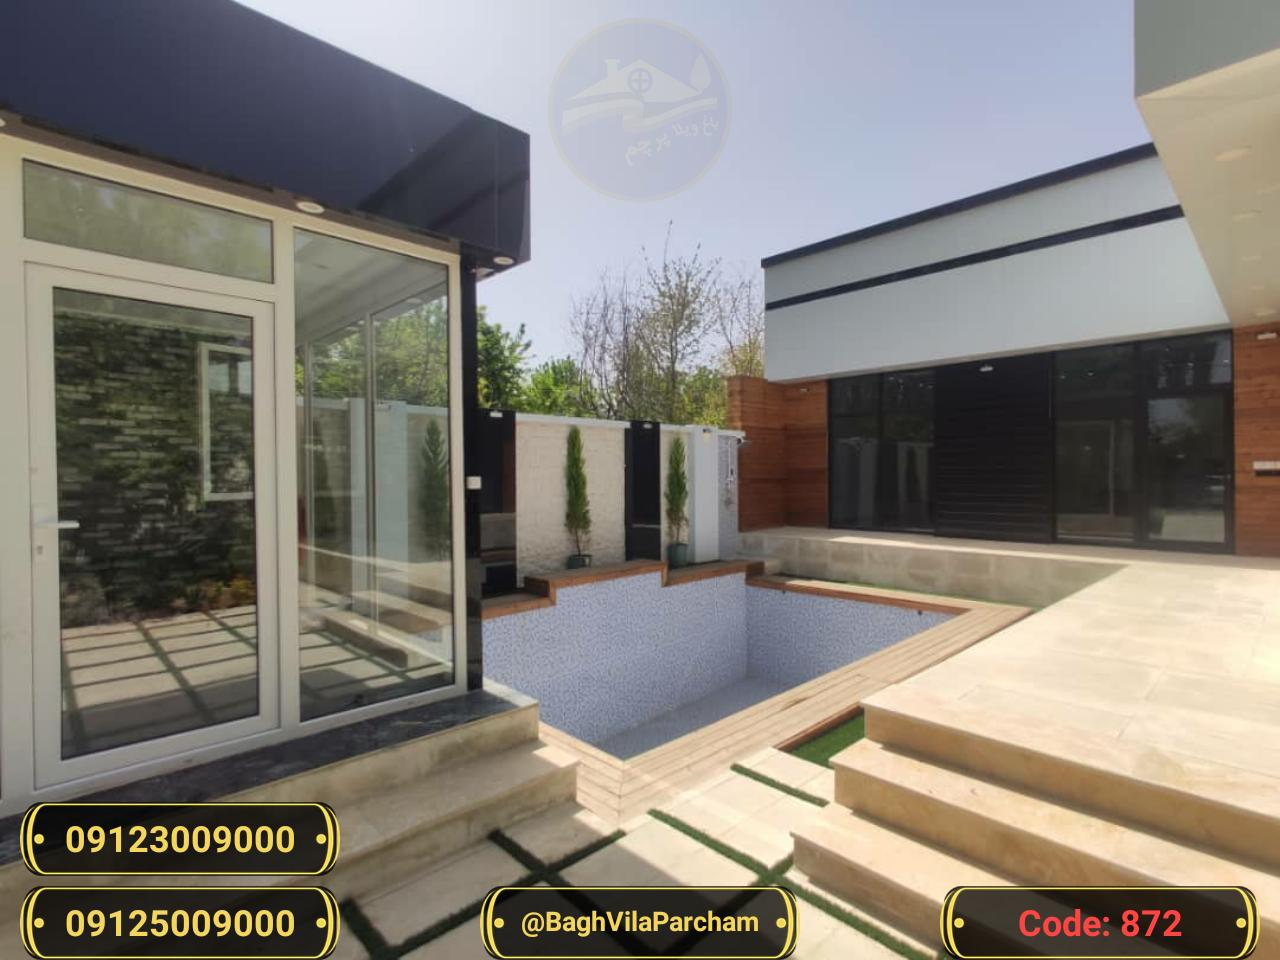 تصویر عکس باغ ویلا شماره 5 از ویلای ۵۰۰ متر ویلا مدرن Picture photo image 5 of ۵۰۰ متر ویلا مدرن